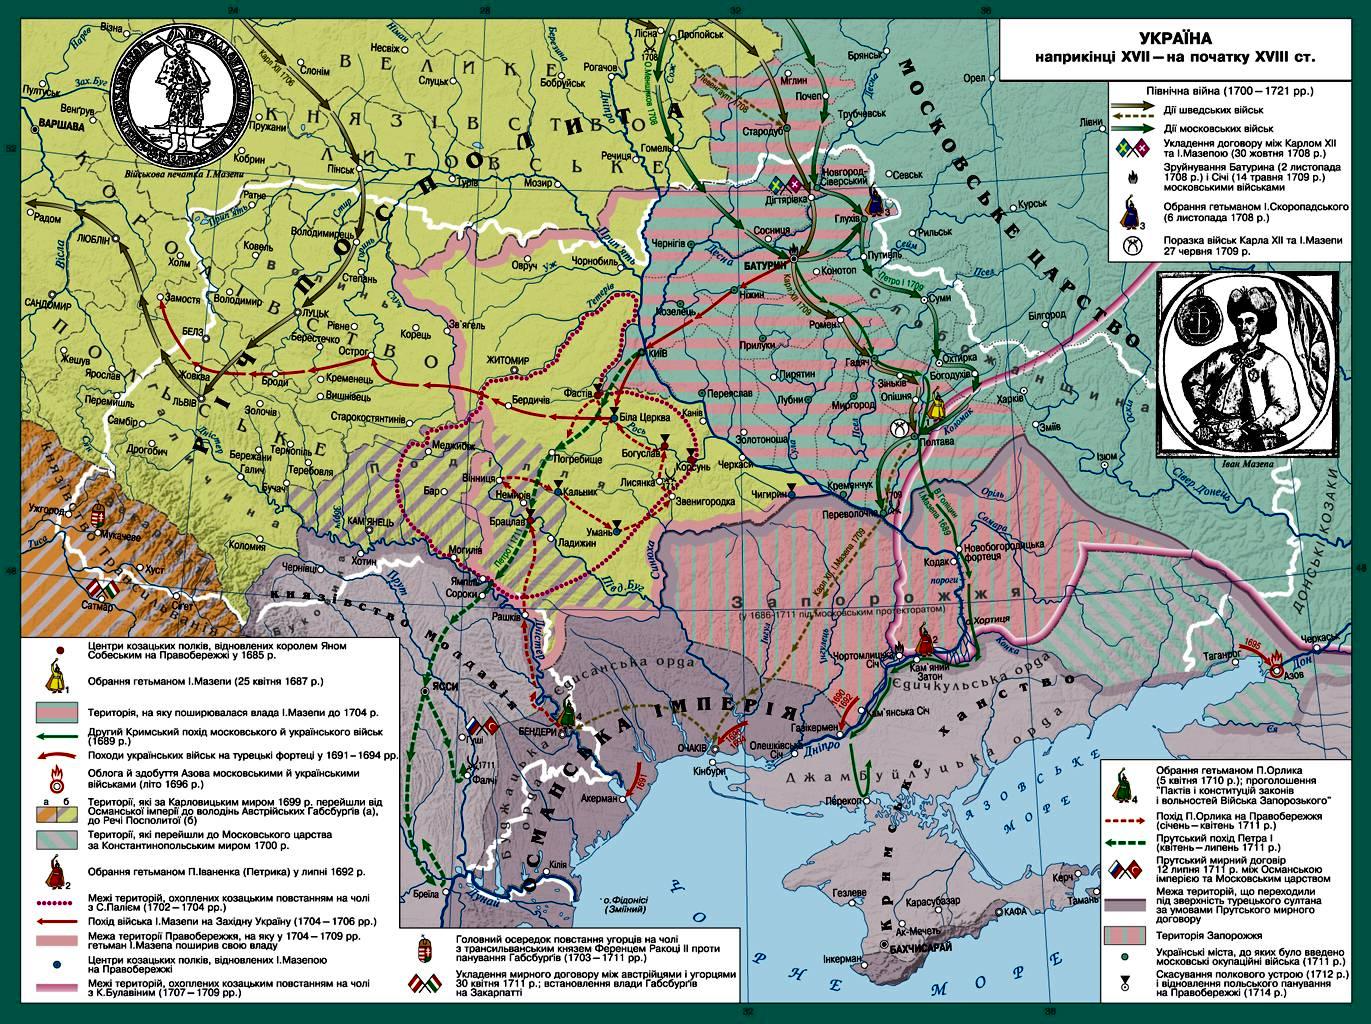 Территория Украины в 17-18 веке. Николаевская область это Едисанская орда, часть Османской империи